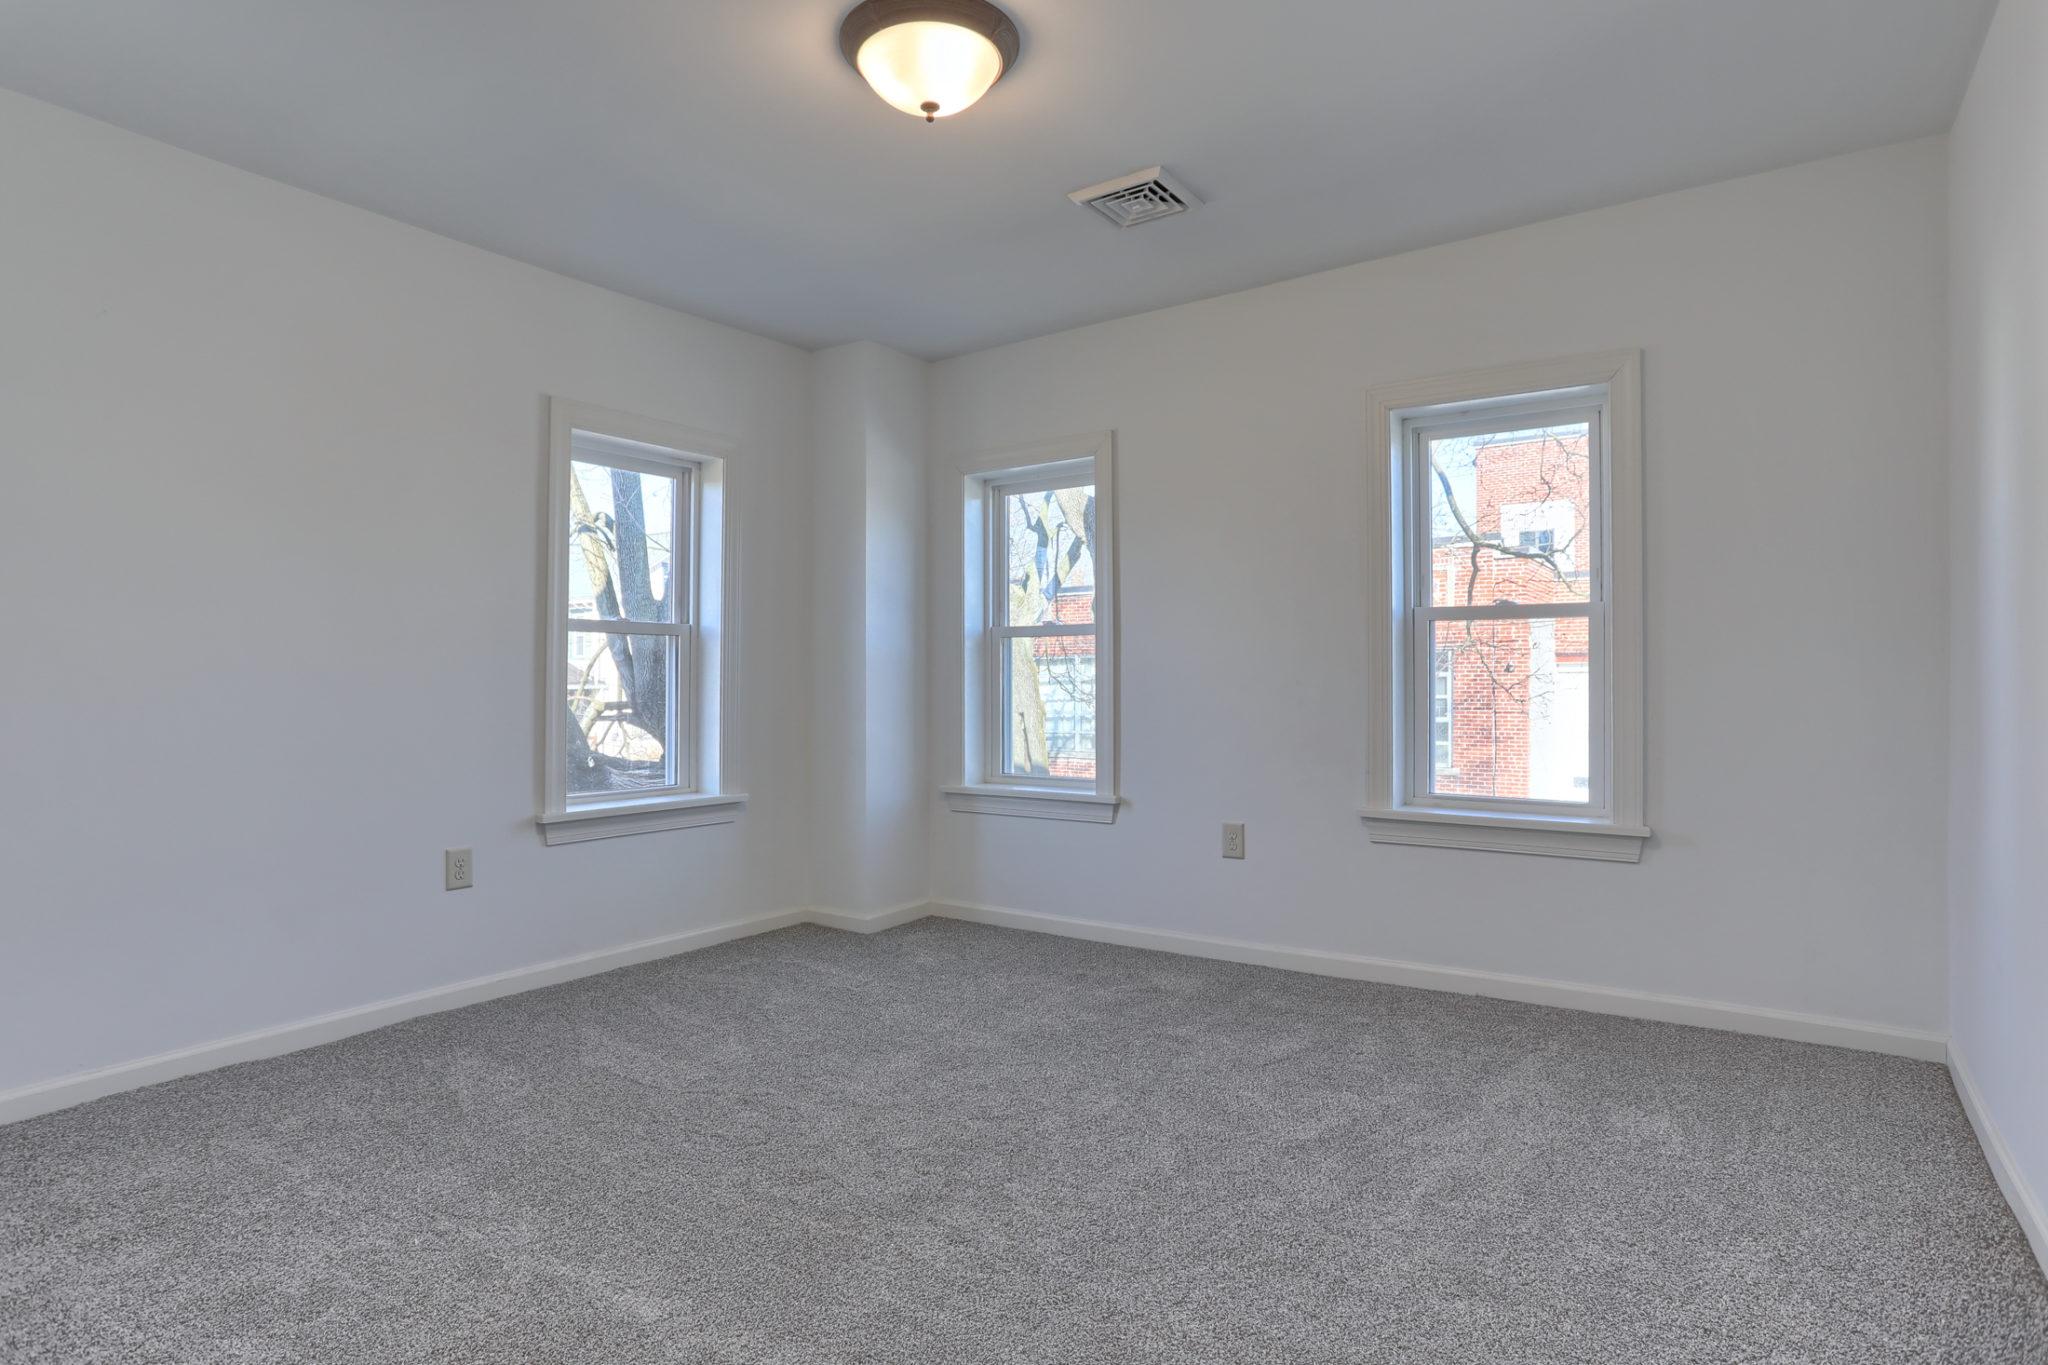 12 E. Center Ave. - Bedroom 2